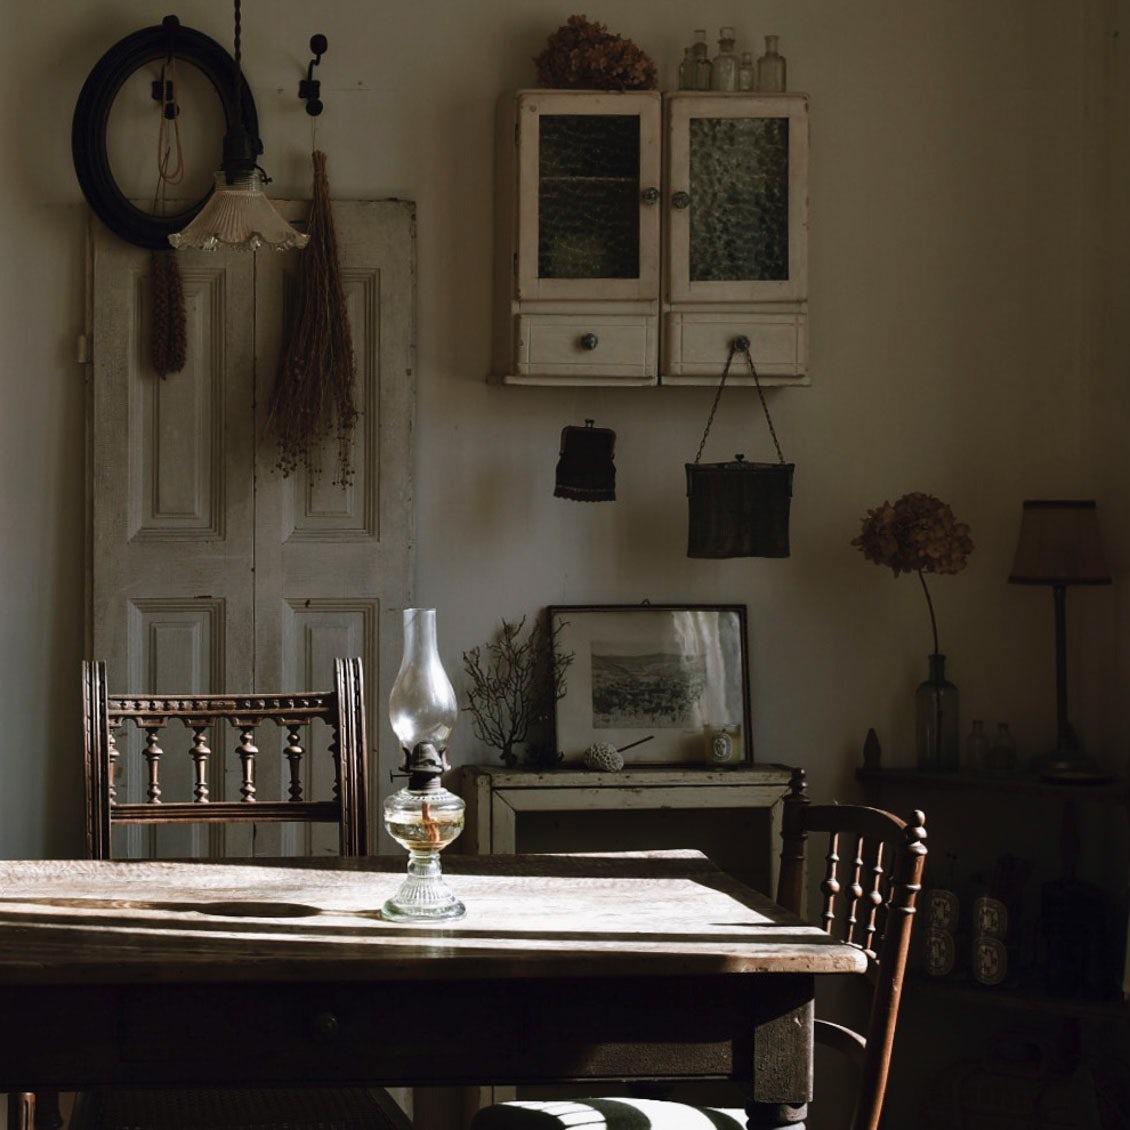 【アンティークを日常に】第1話:設計士に教わる、古い家具を買うときのポイント